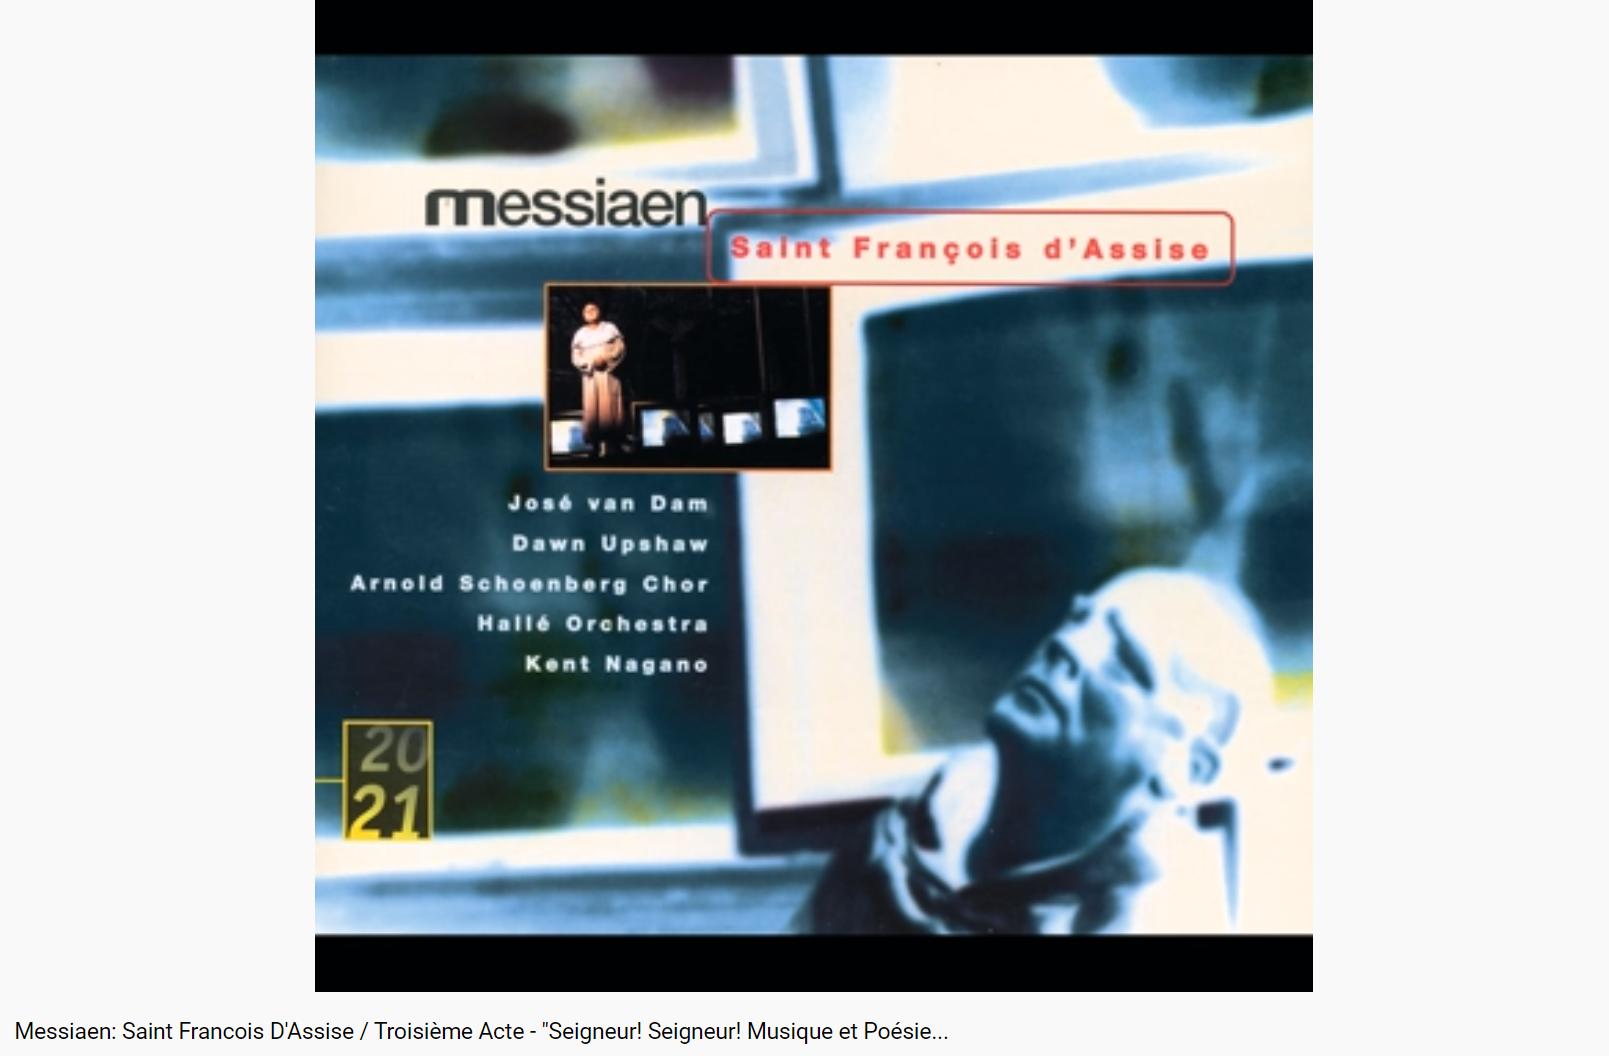 Messiaen Saint-François d'Assise Musique et Poésie